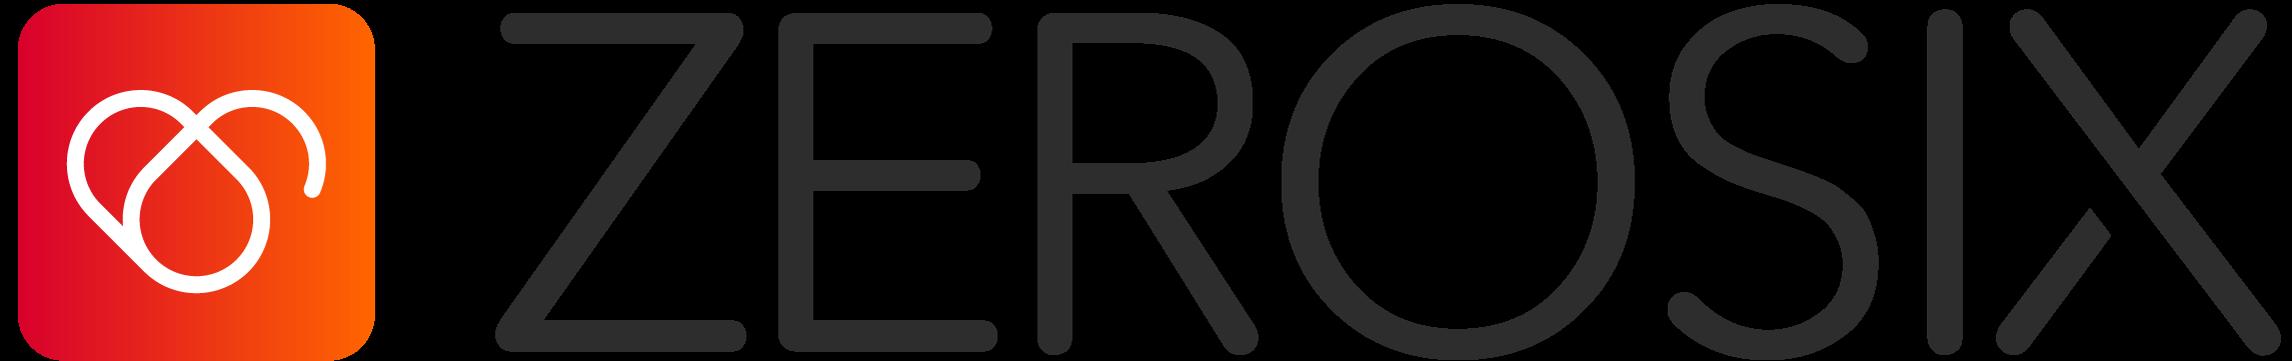 Zerosix